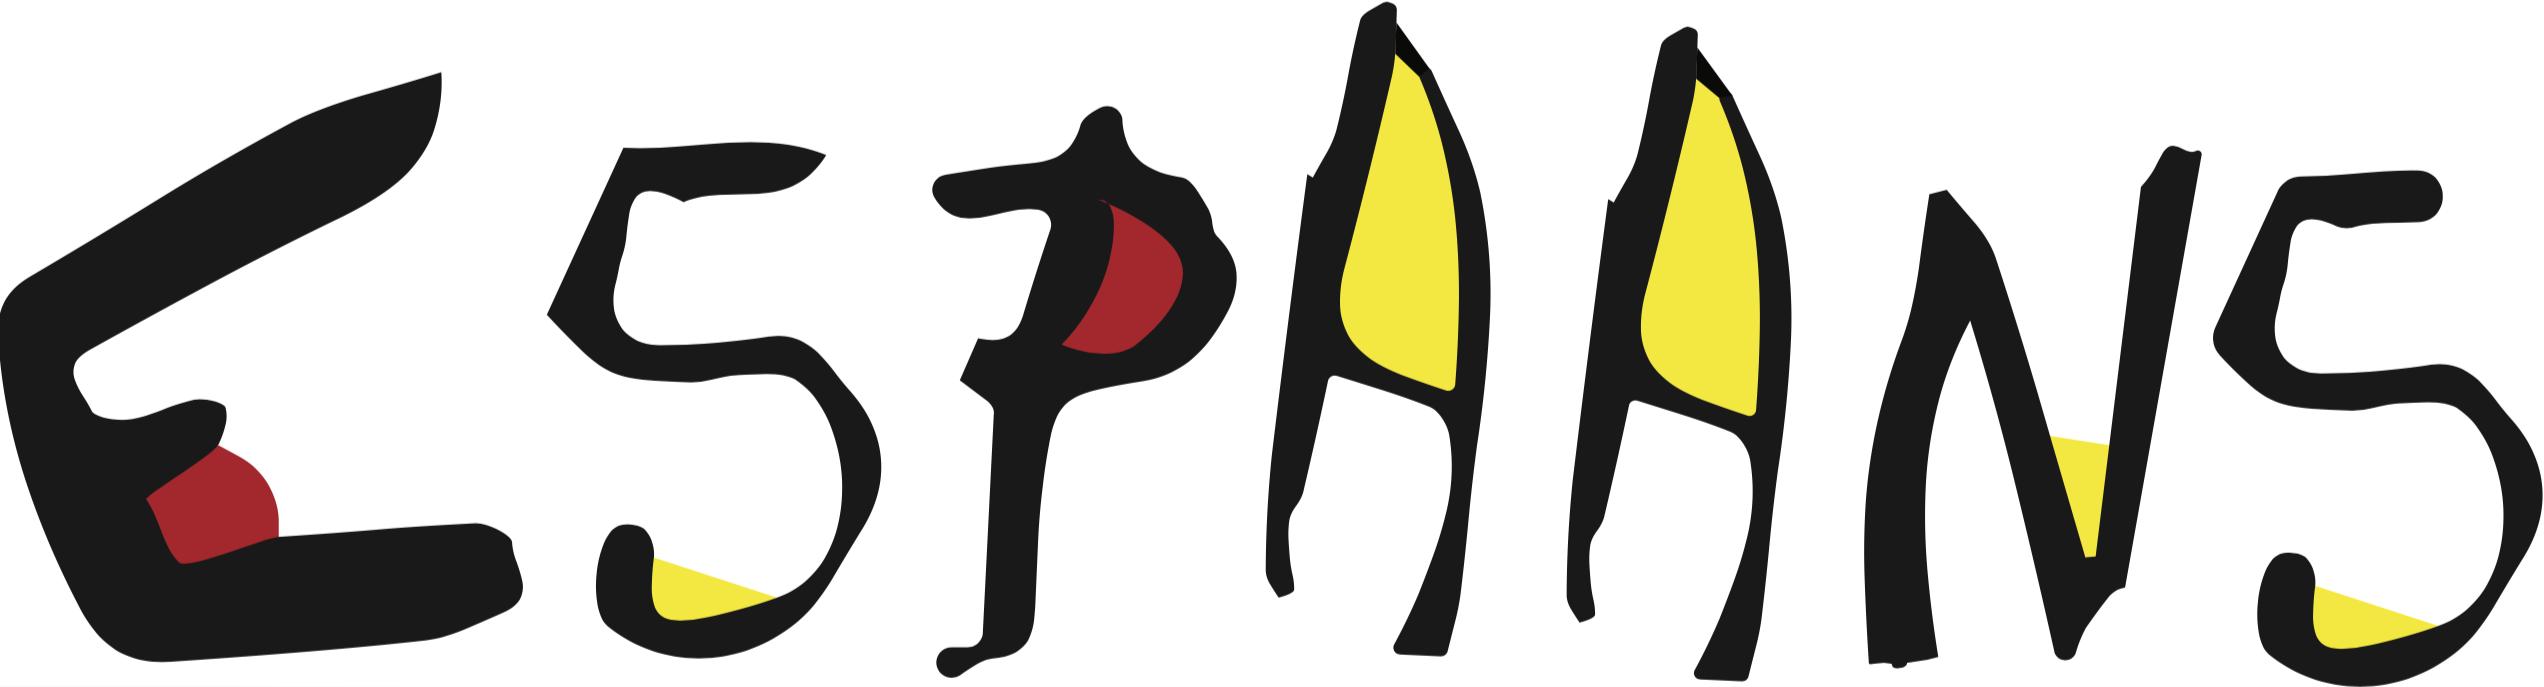 Espaans logo